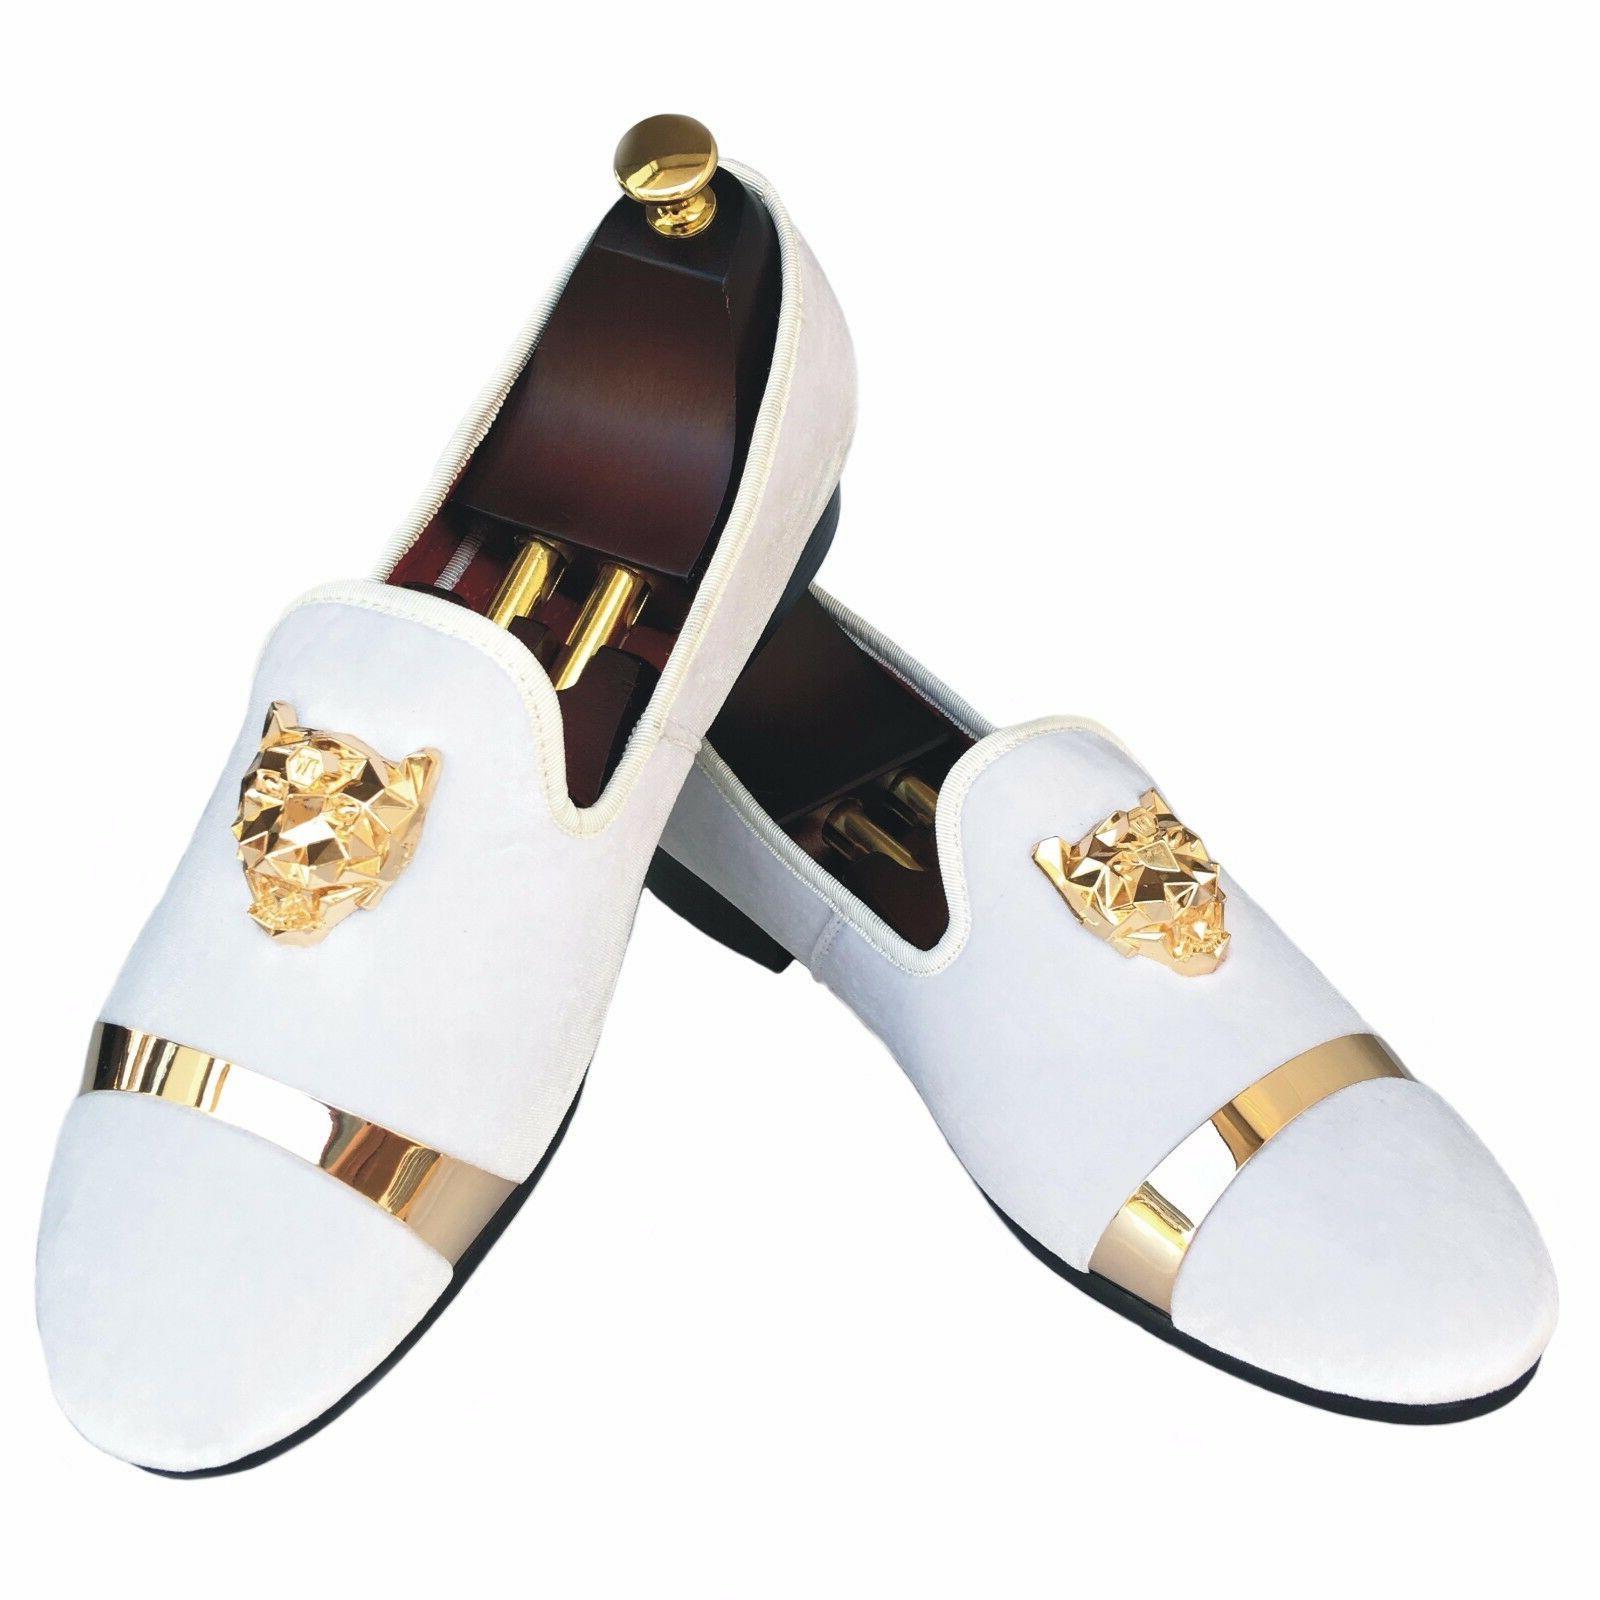 handmade mens velvet loafers slippers with gold